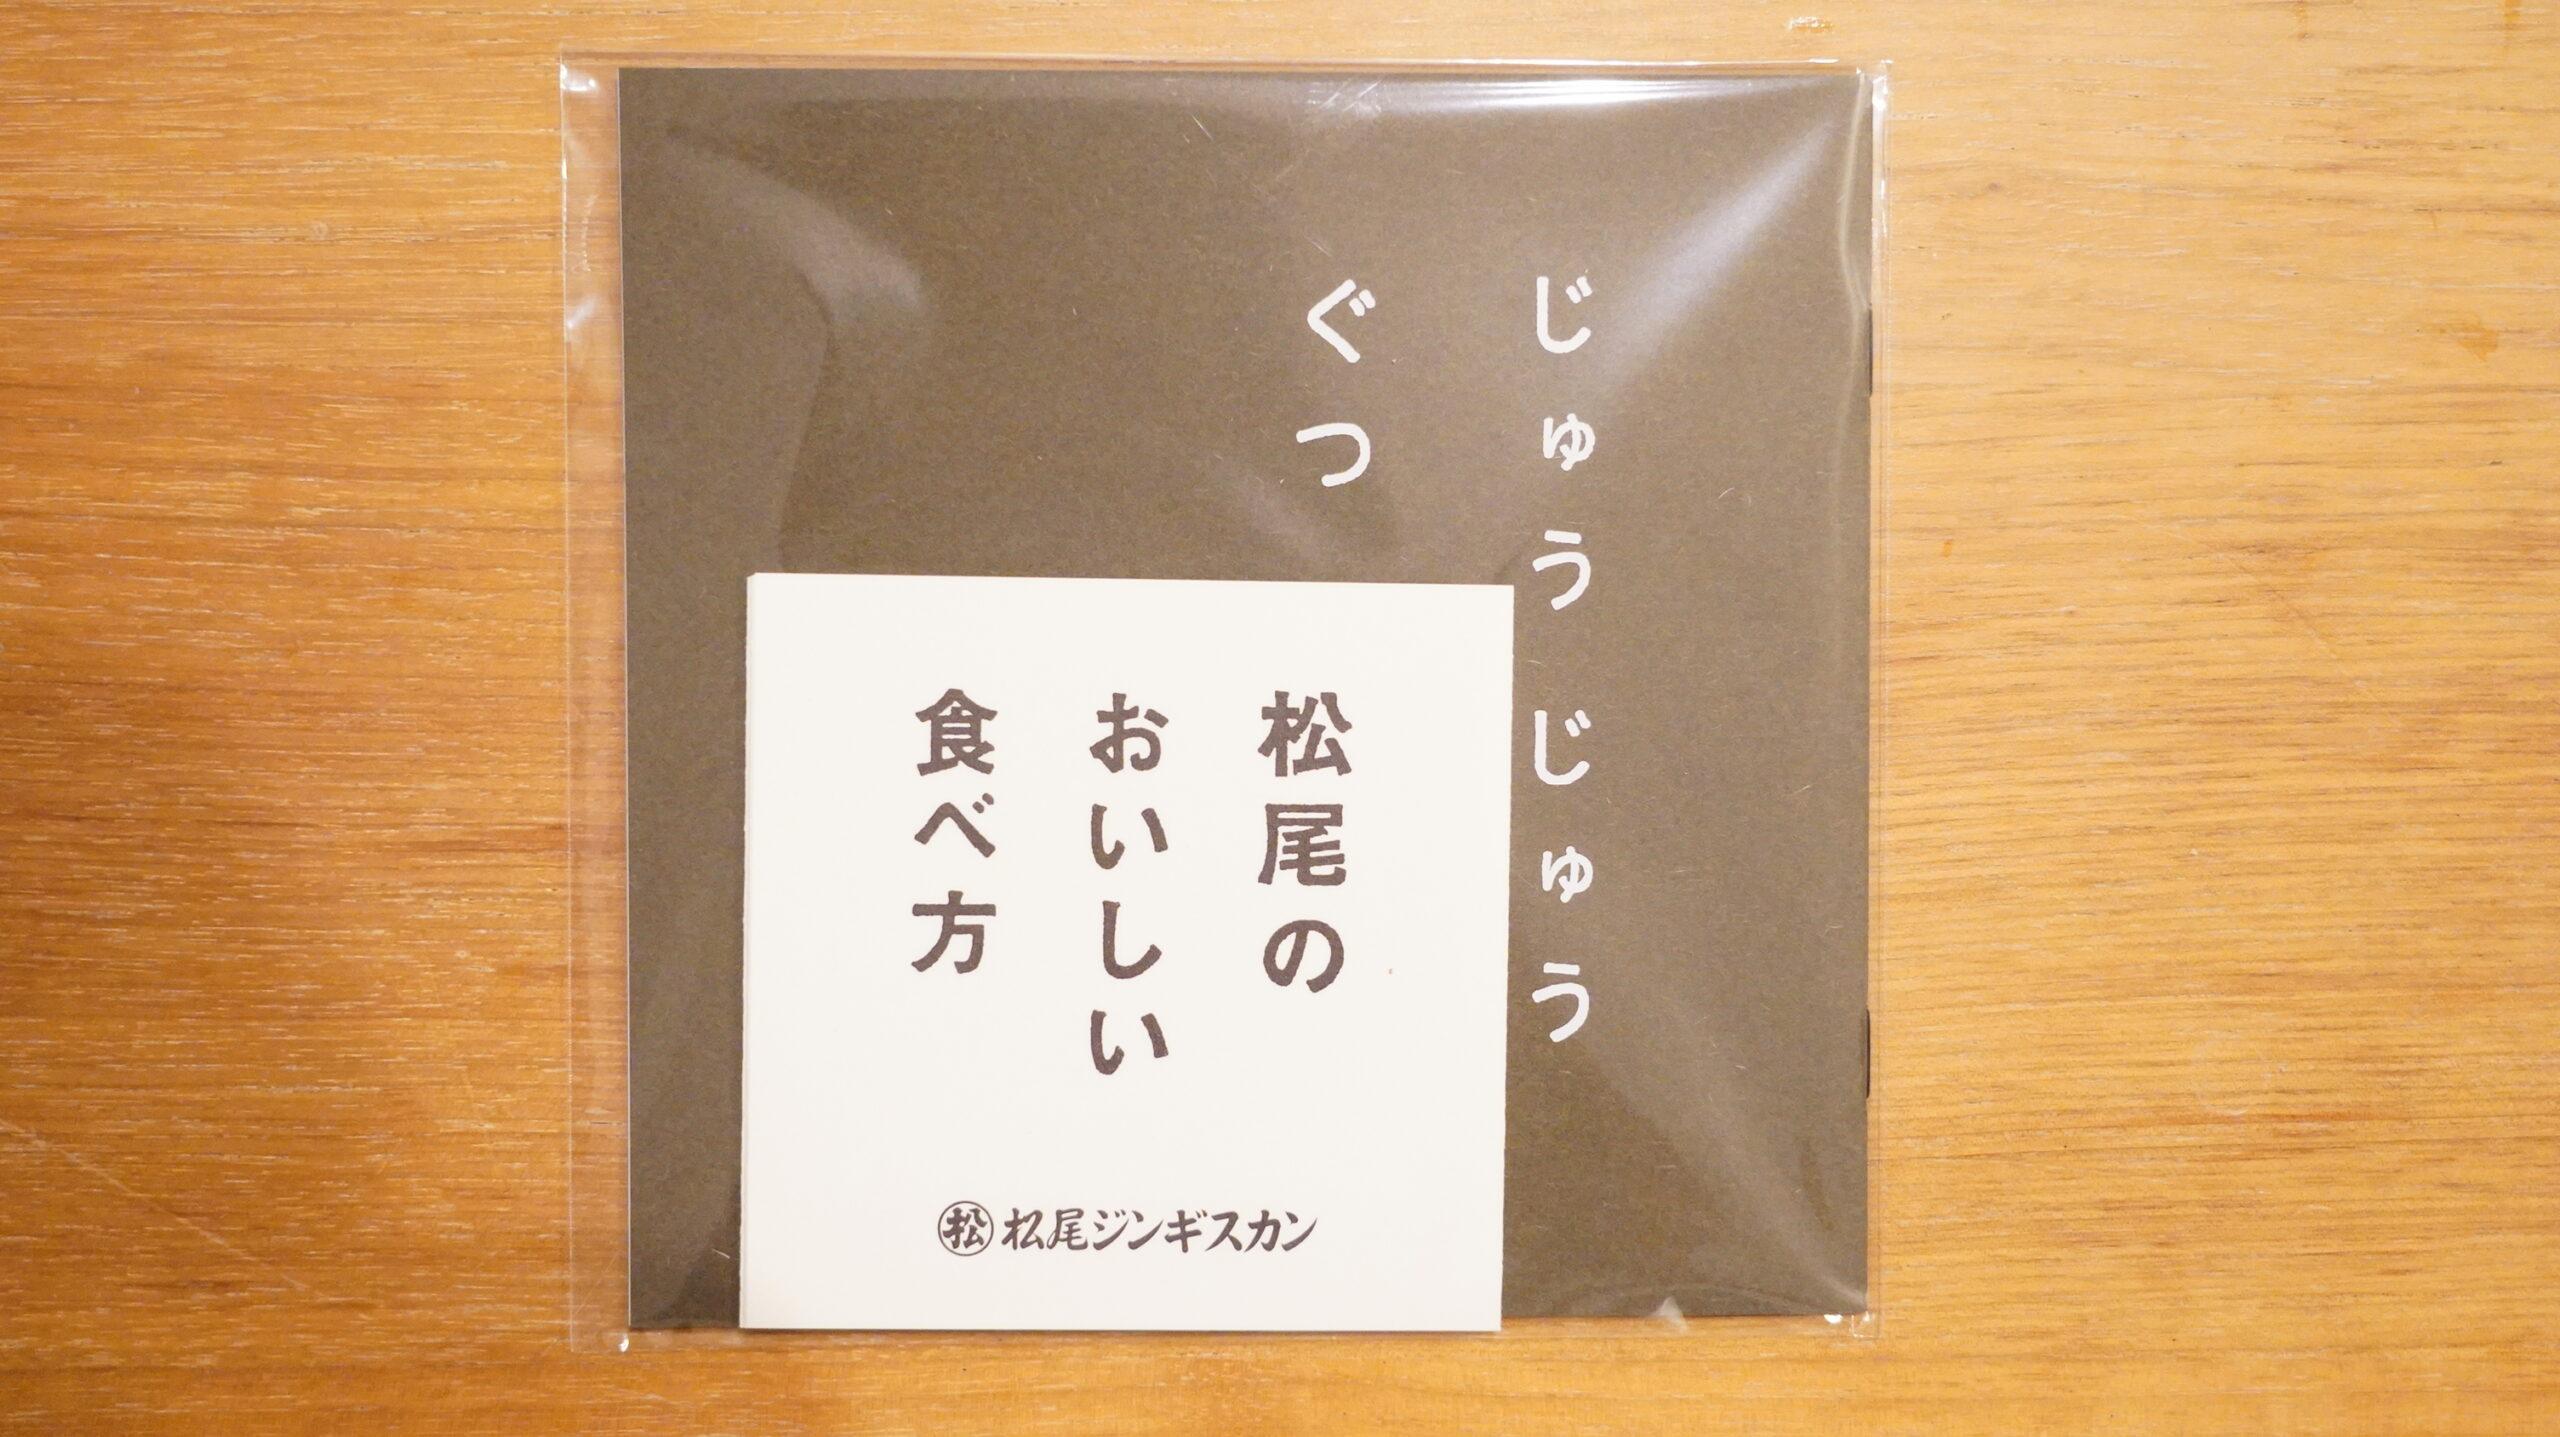 松尾ジンギスカンを通販でお取り寄せした冷凍マトン肉に付属する「松尾のおいしい食べ方」の説明書の写真